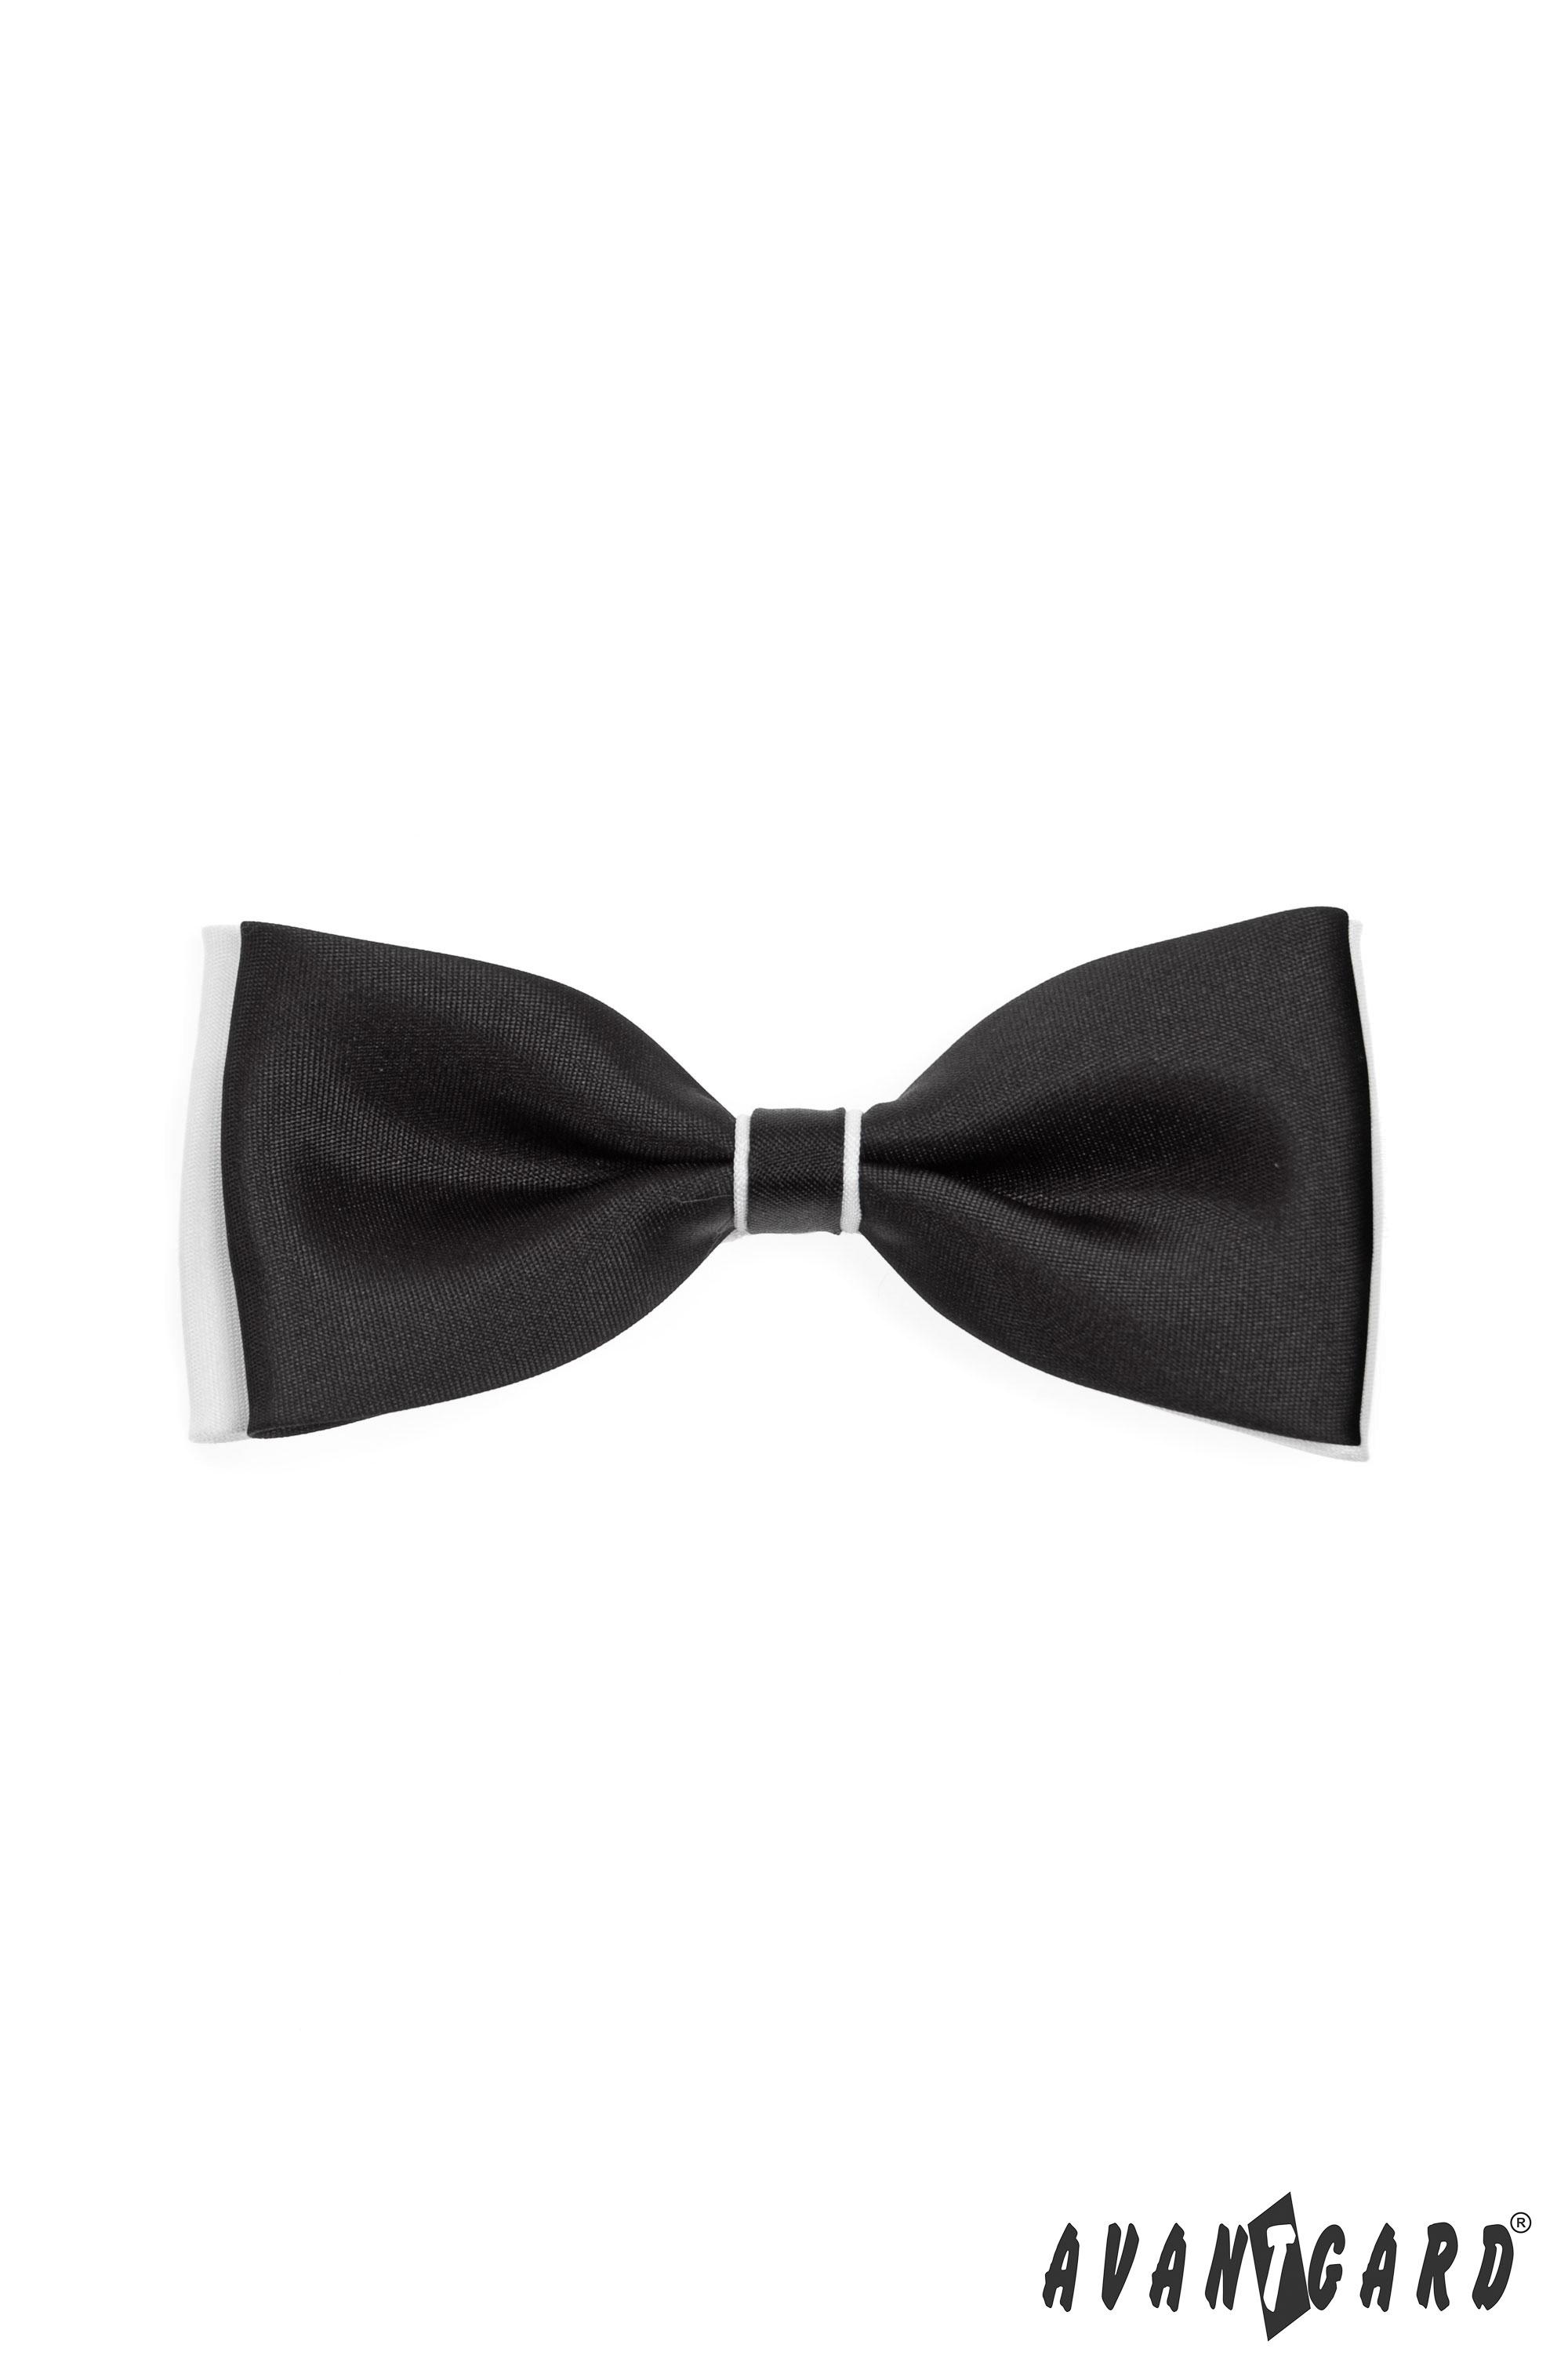 Avantgard Motýlek pánský 231 231 - černo-bílá